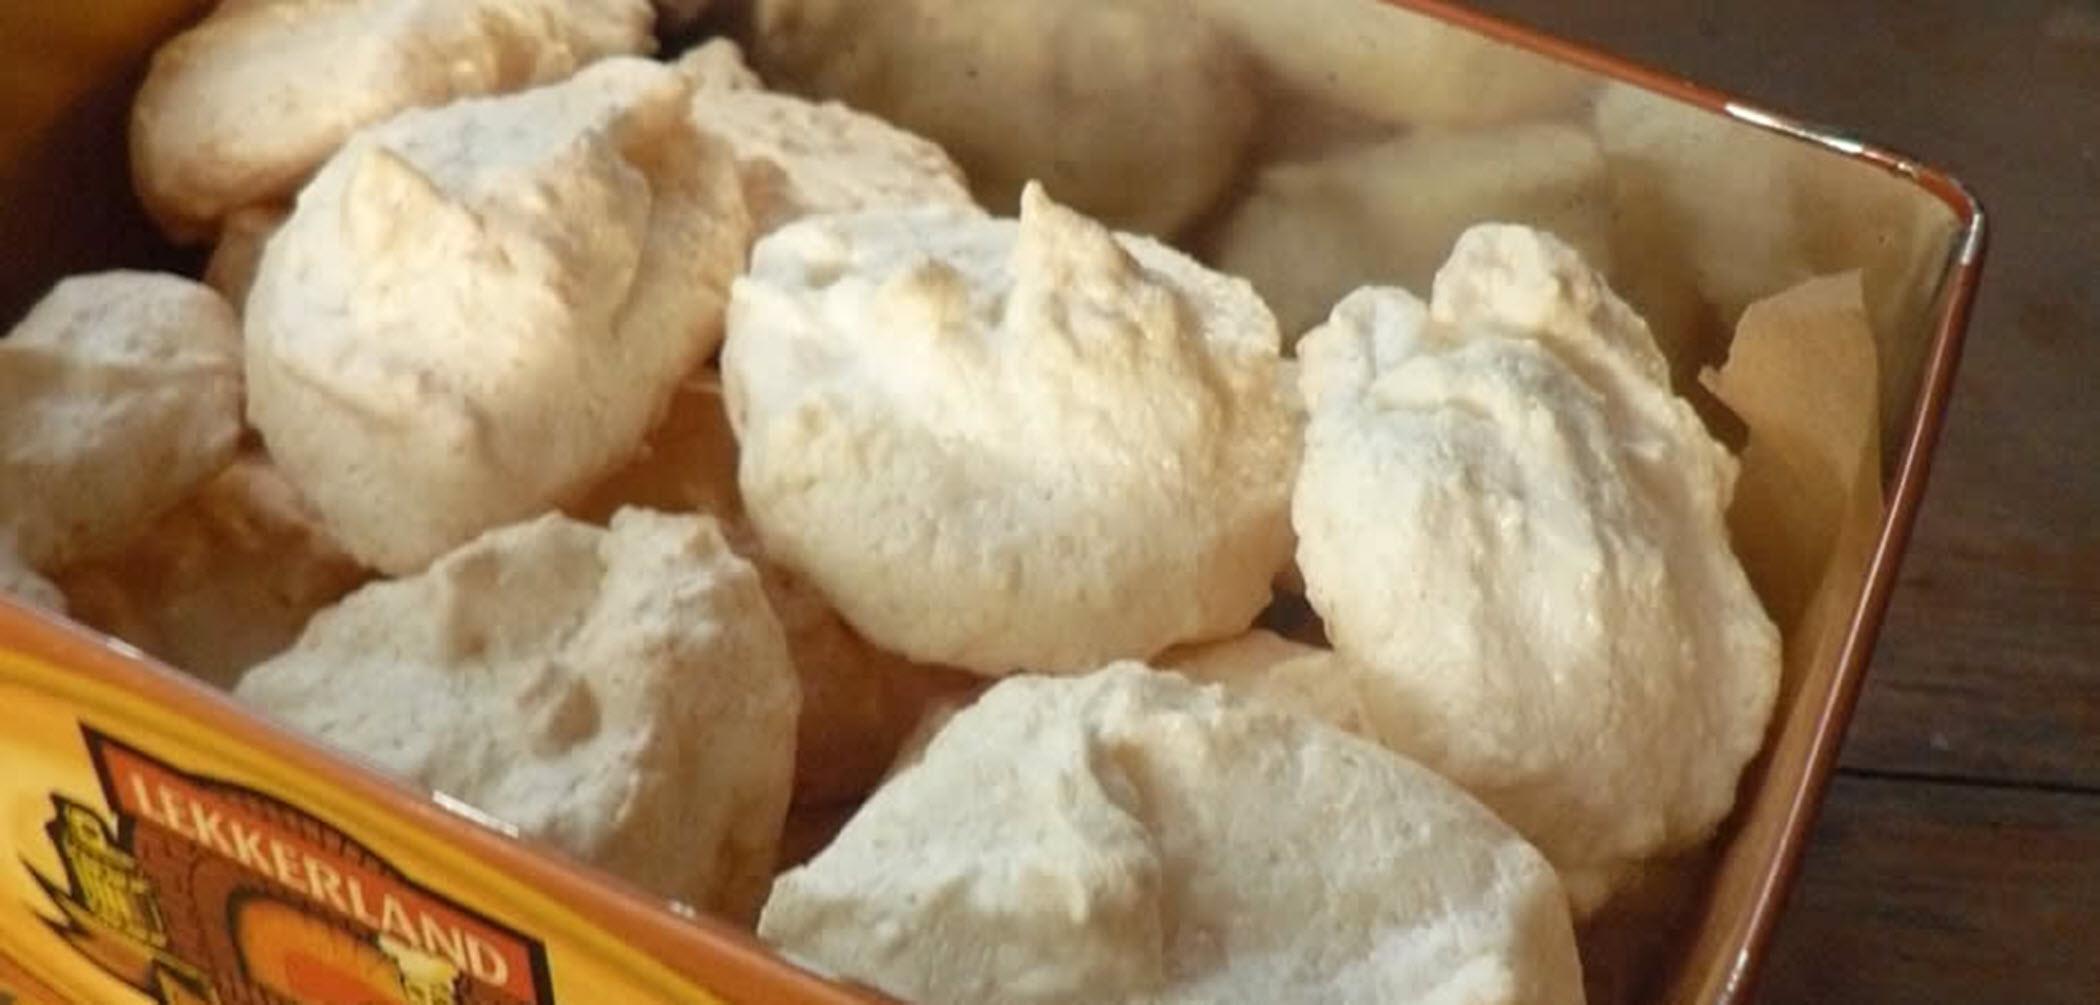 Easy Three-Ingredient Gluten-Free German Christmas Coconut Cookies barbara